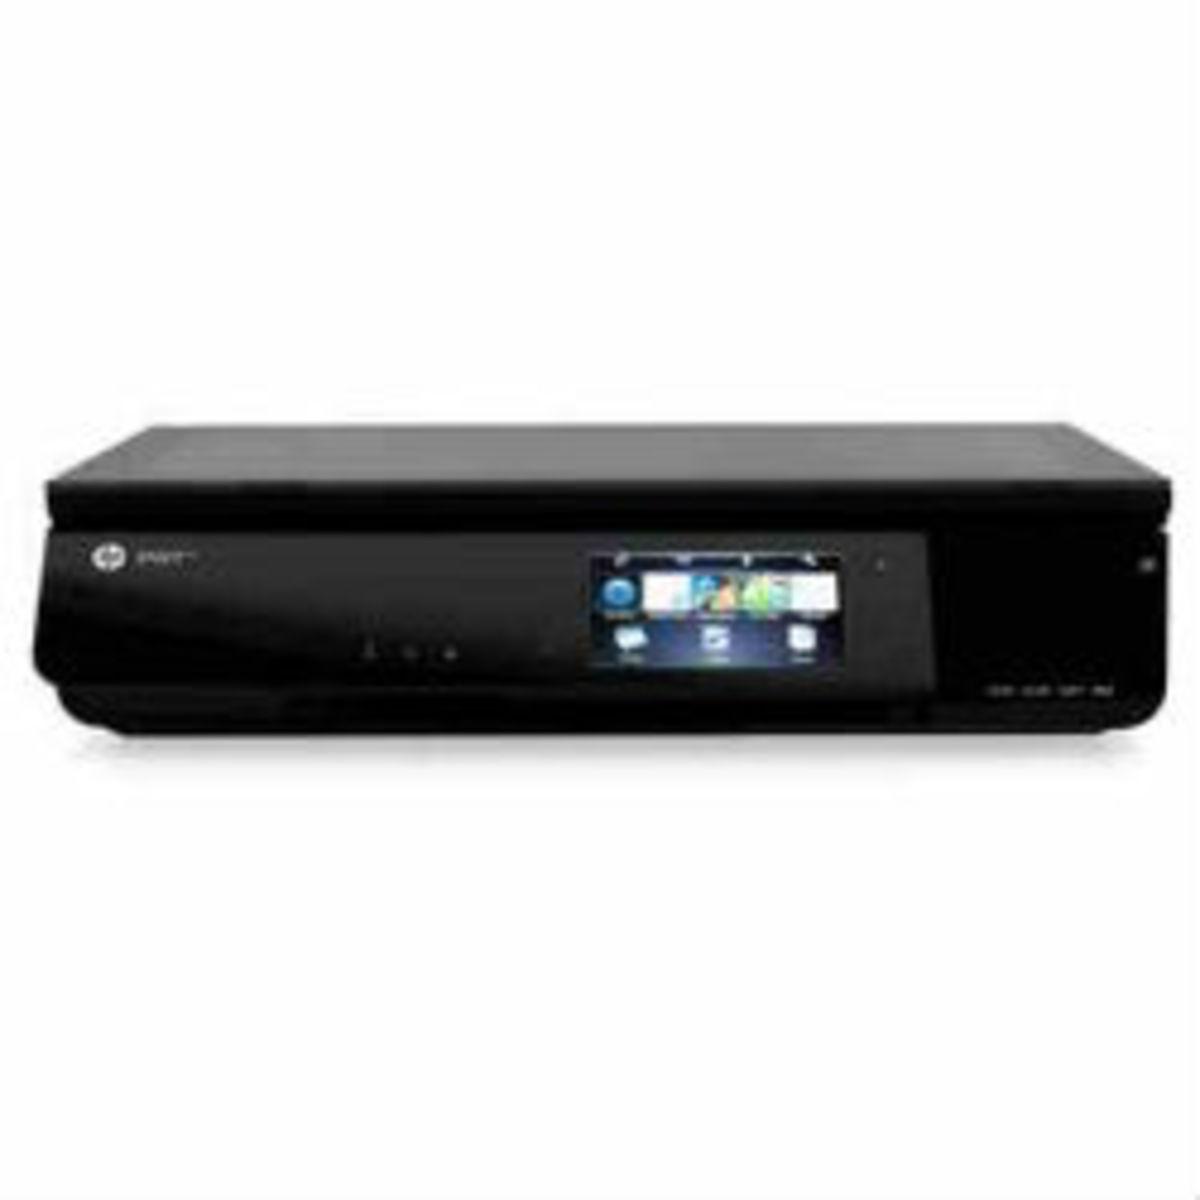 HP Envy 120 Wireless Printer Review